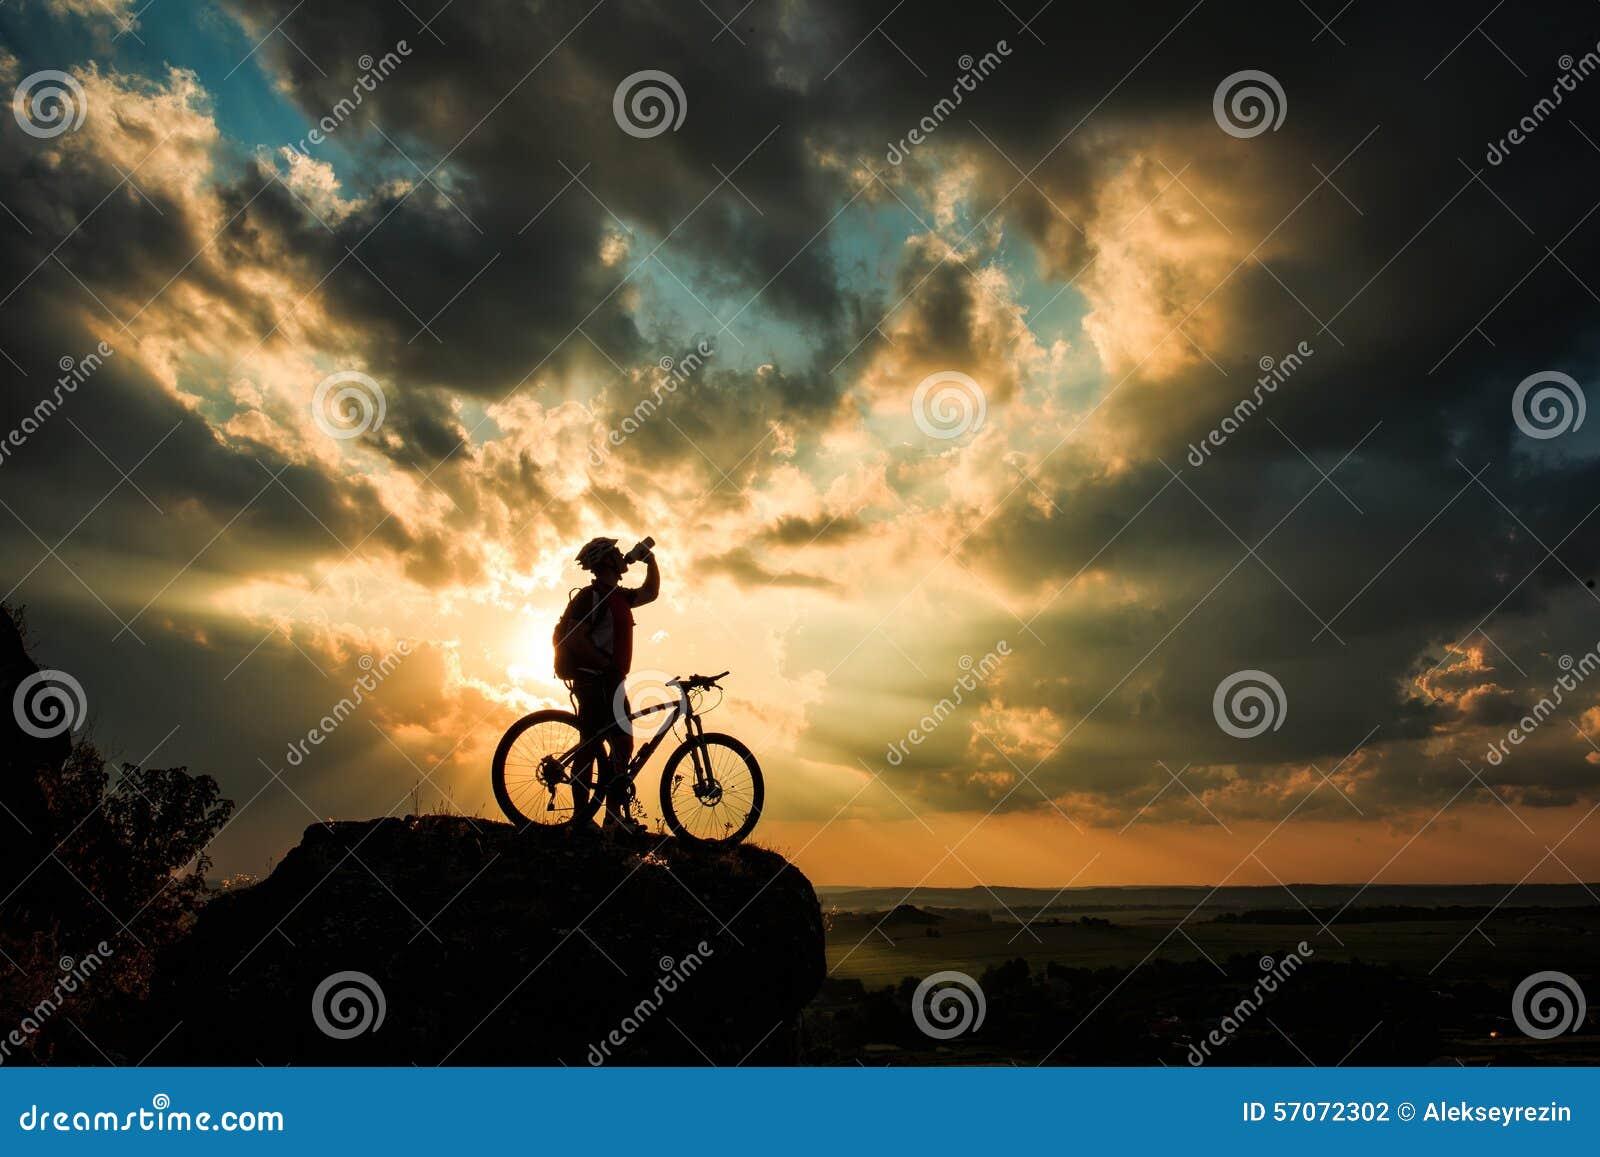 Silhouet van een fietser en een fiets op hemelachtergrond